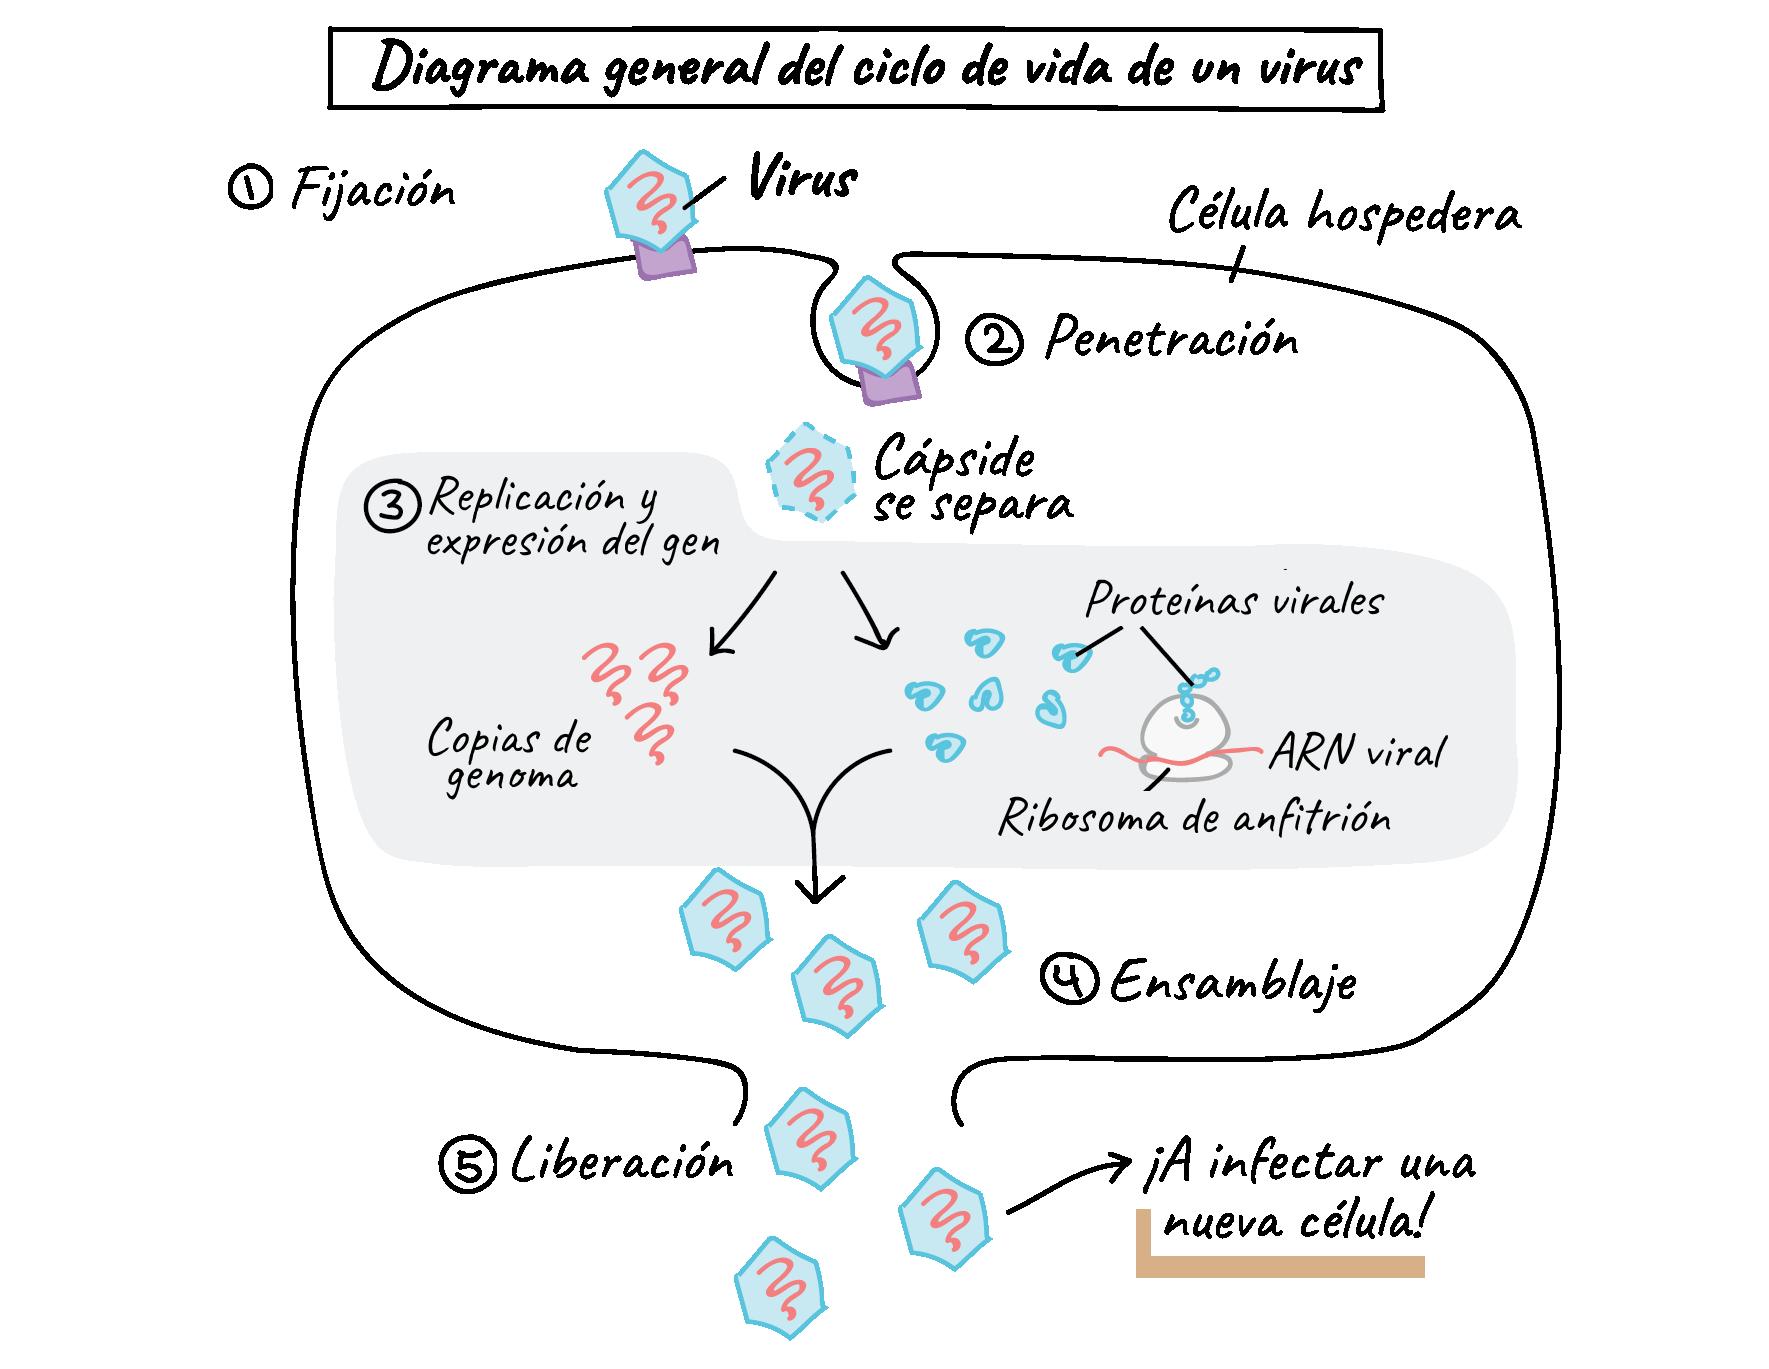 Introducción A Los Virus Artículo Virus Khan Academy